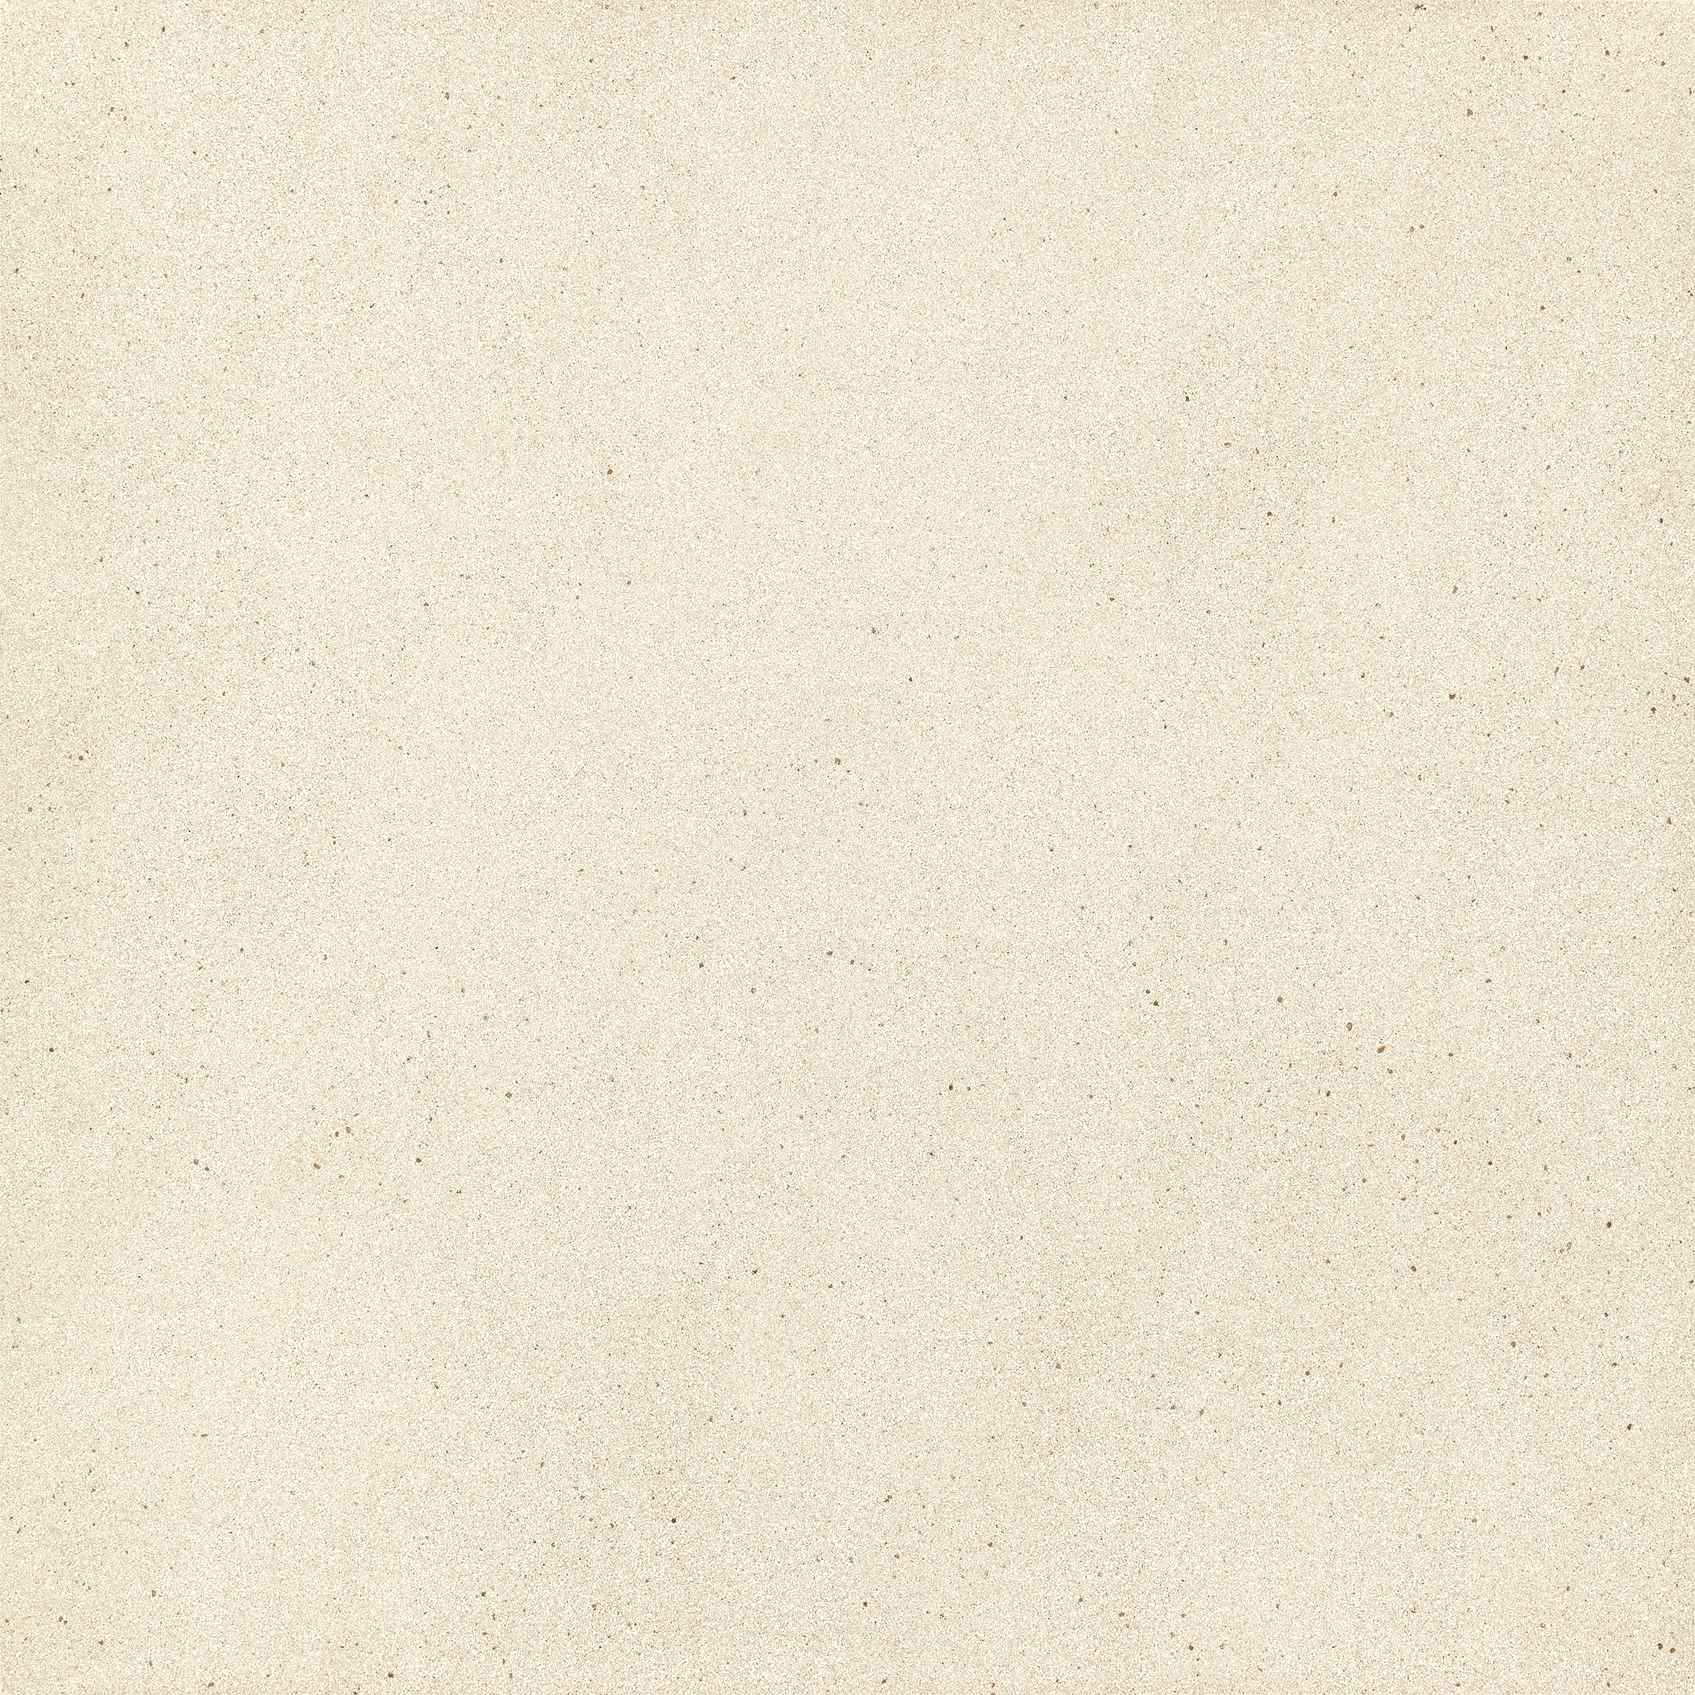 Duroteq Bianco Gres Rekt. Mat.  - Biały - 598x598 - Płytki podłogowe - Duroteq